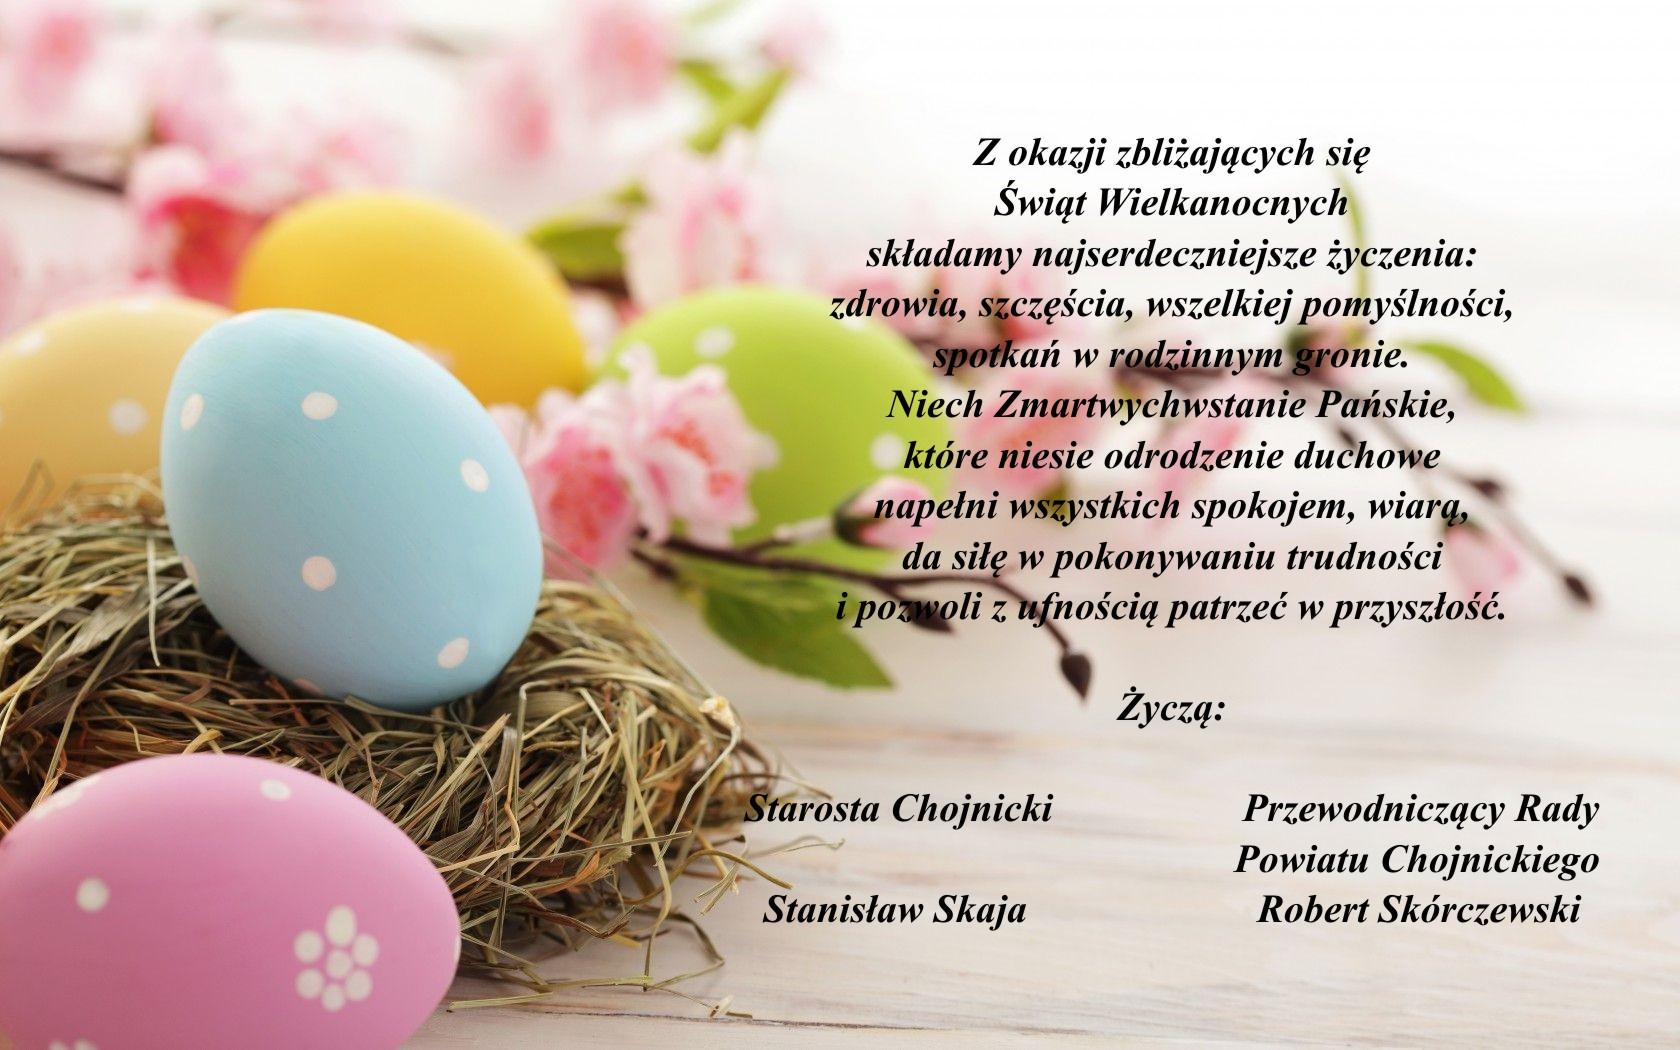 Życzenia Wielkanocne.jpg